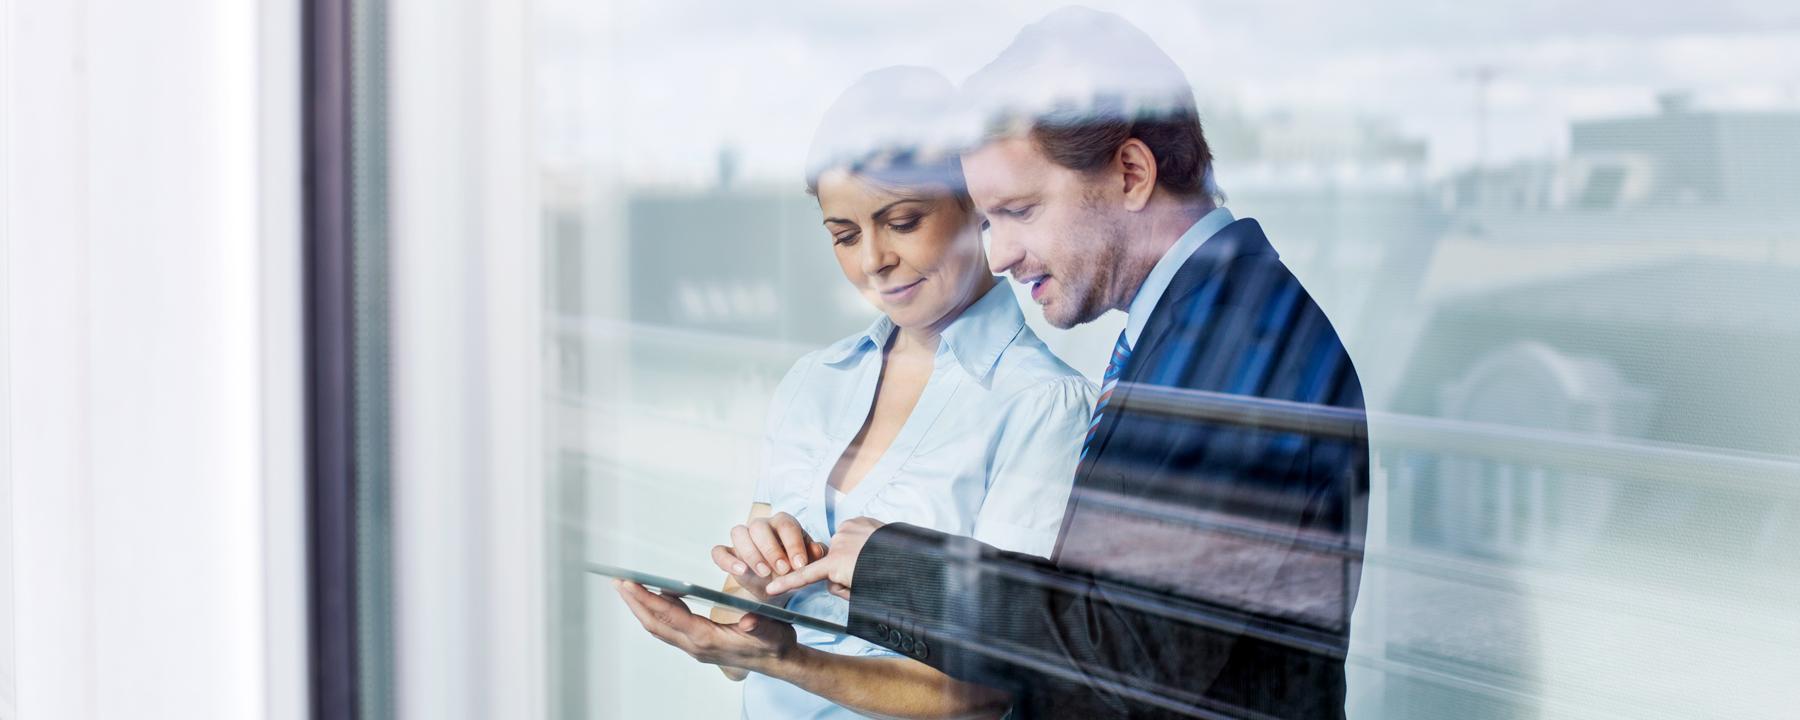 groep collega's kijkt naar laptop